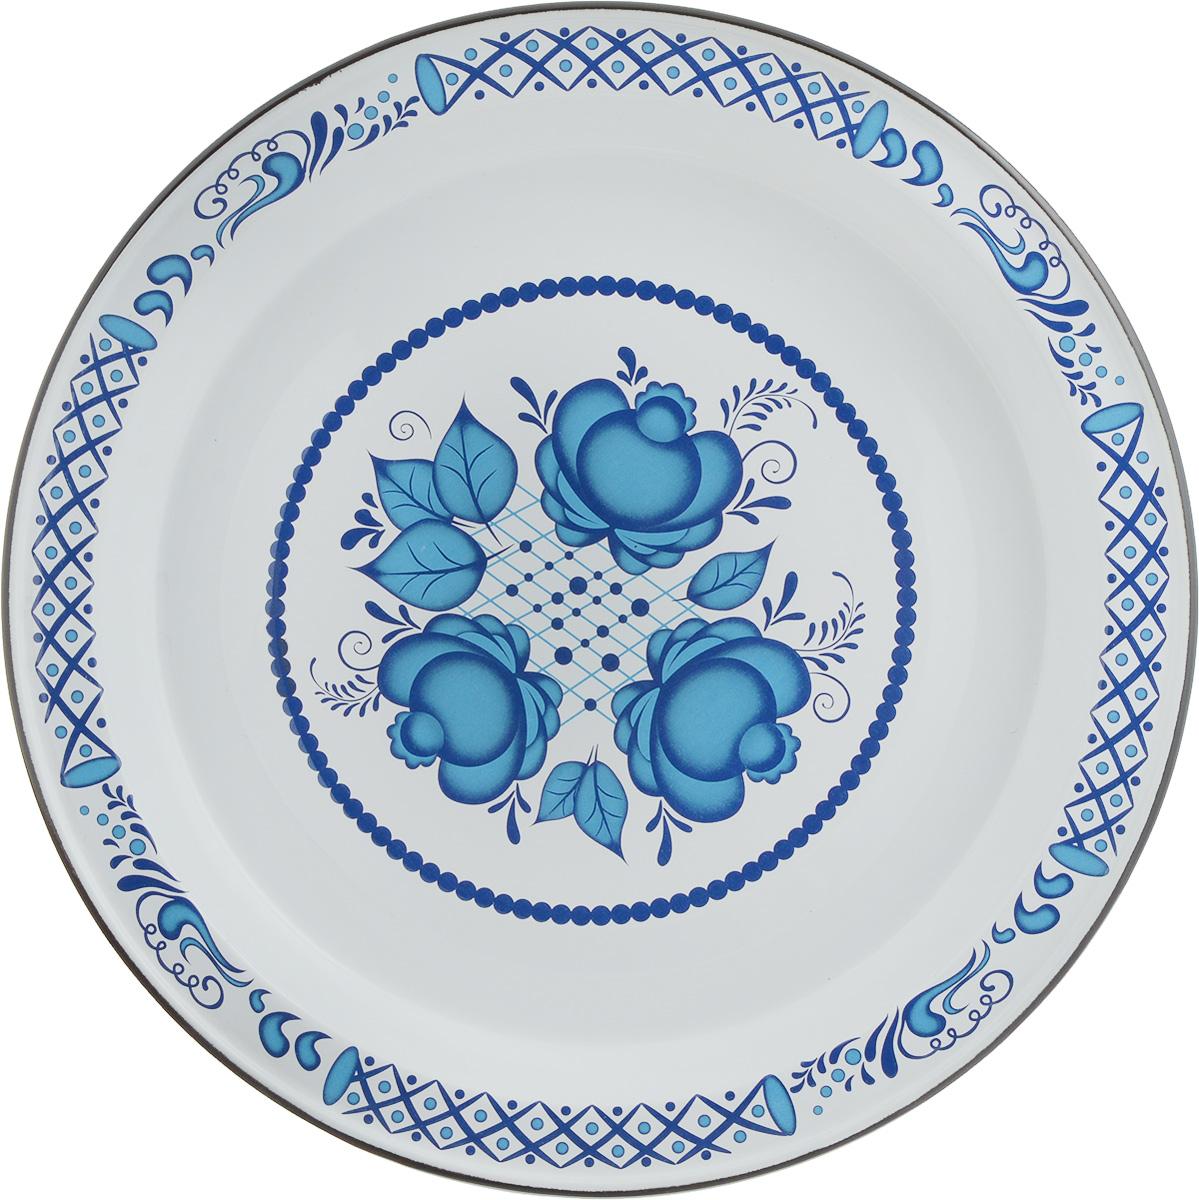 """Блюдо """"Эмаль"""" выполнено из стали с эмалевым покрытием. Такое покрытие защищает сталь от коррозии, придает посуде гладкую стекловидную поверхность и надежно защищает от кислот и щелочей. Изделие декорировано синим цветочным узором. Отлично подойдет для подачи ягод, фруктов и овощей. Яркое блюдо послужит не только удобной посудой, но и оригинальным элементом кухонного интерьера."""